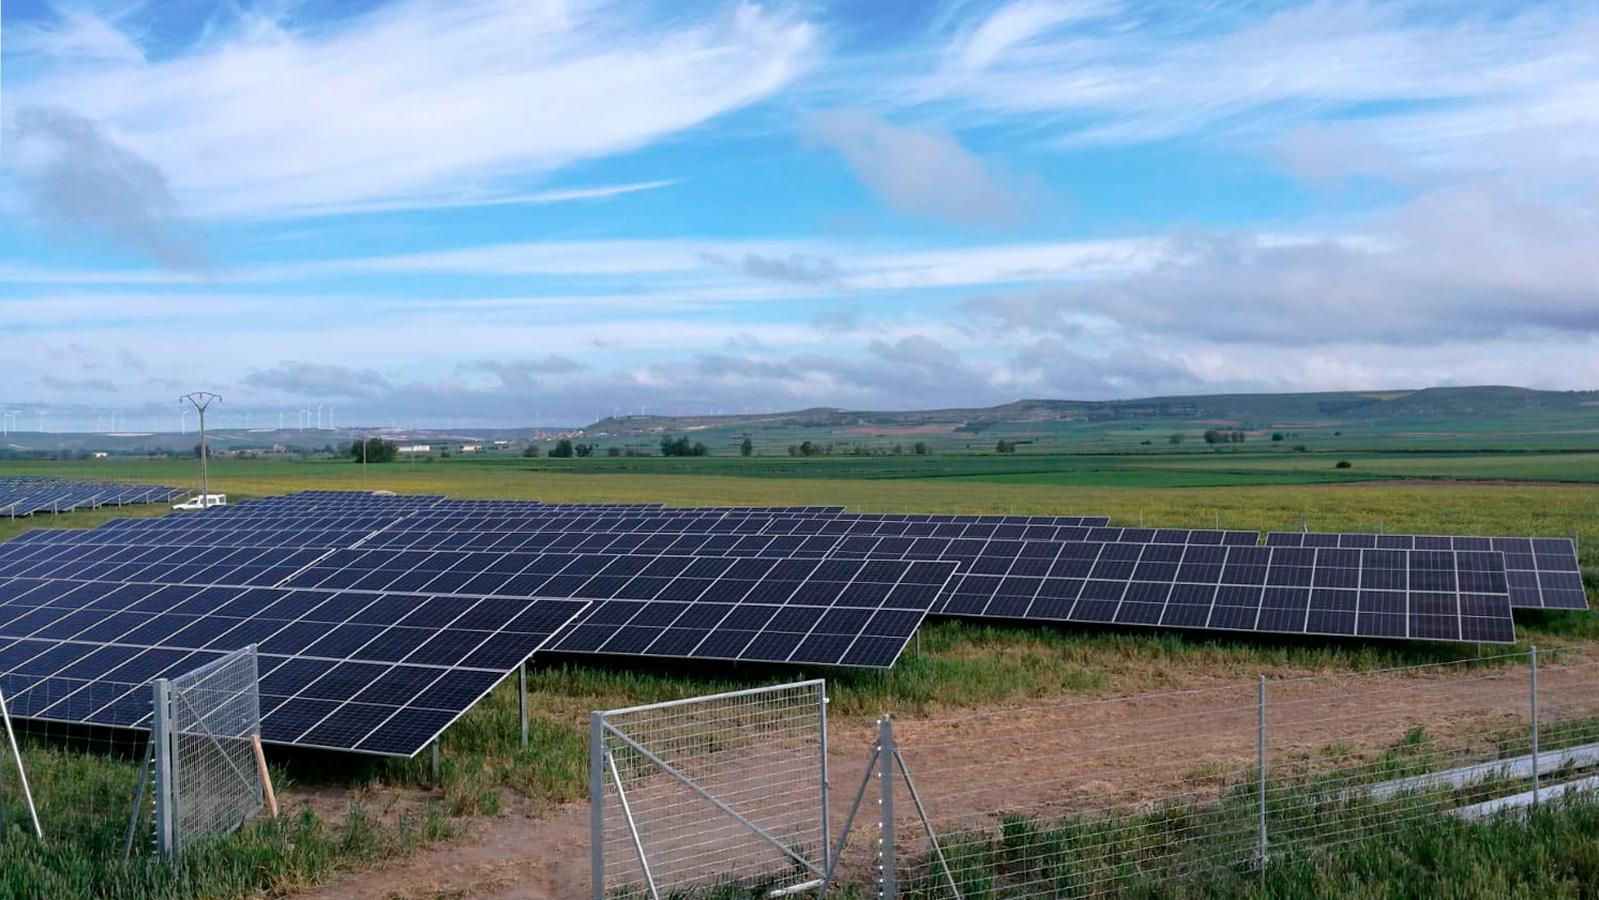 Parque fotovoltaico en Burgos